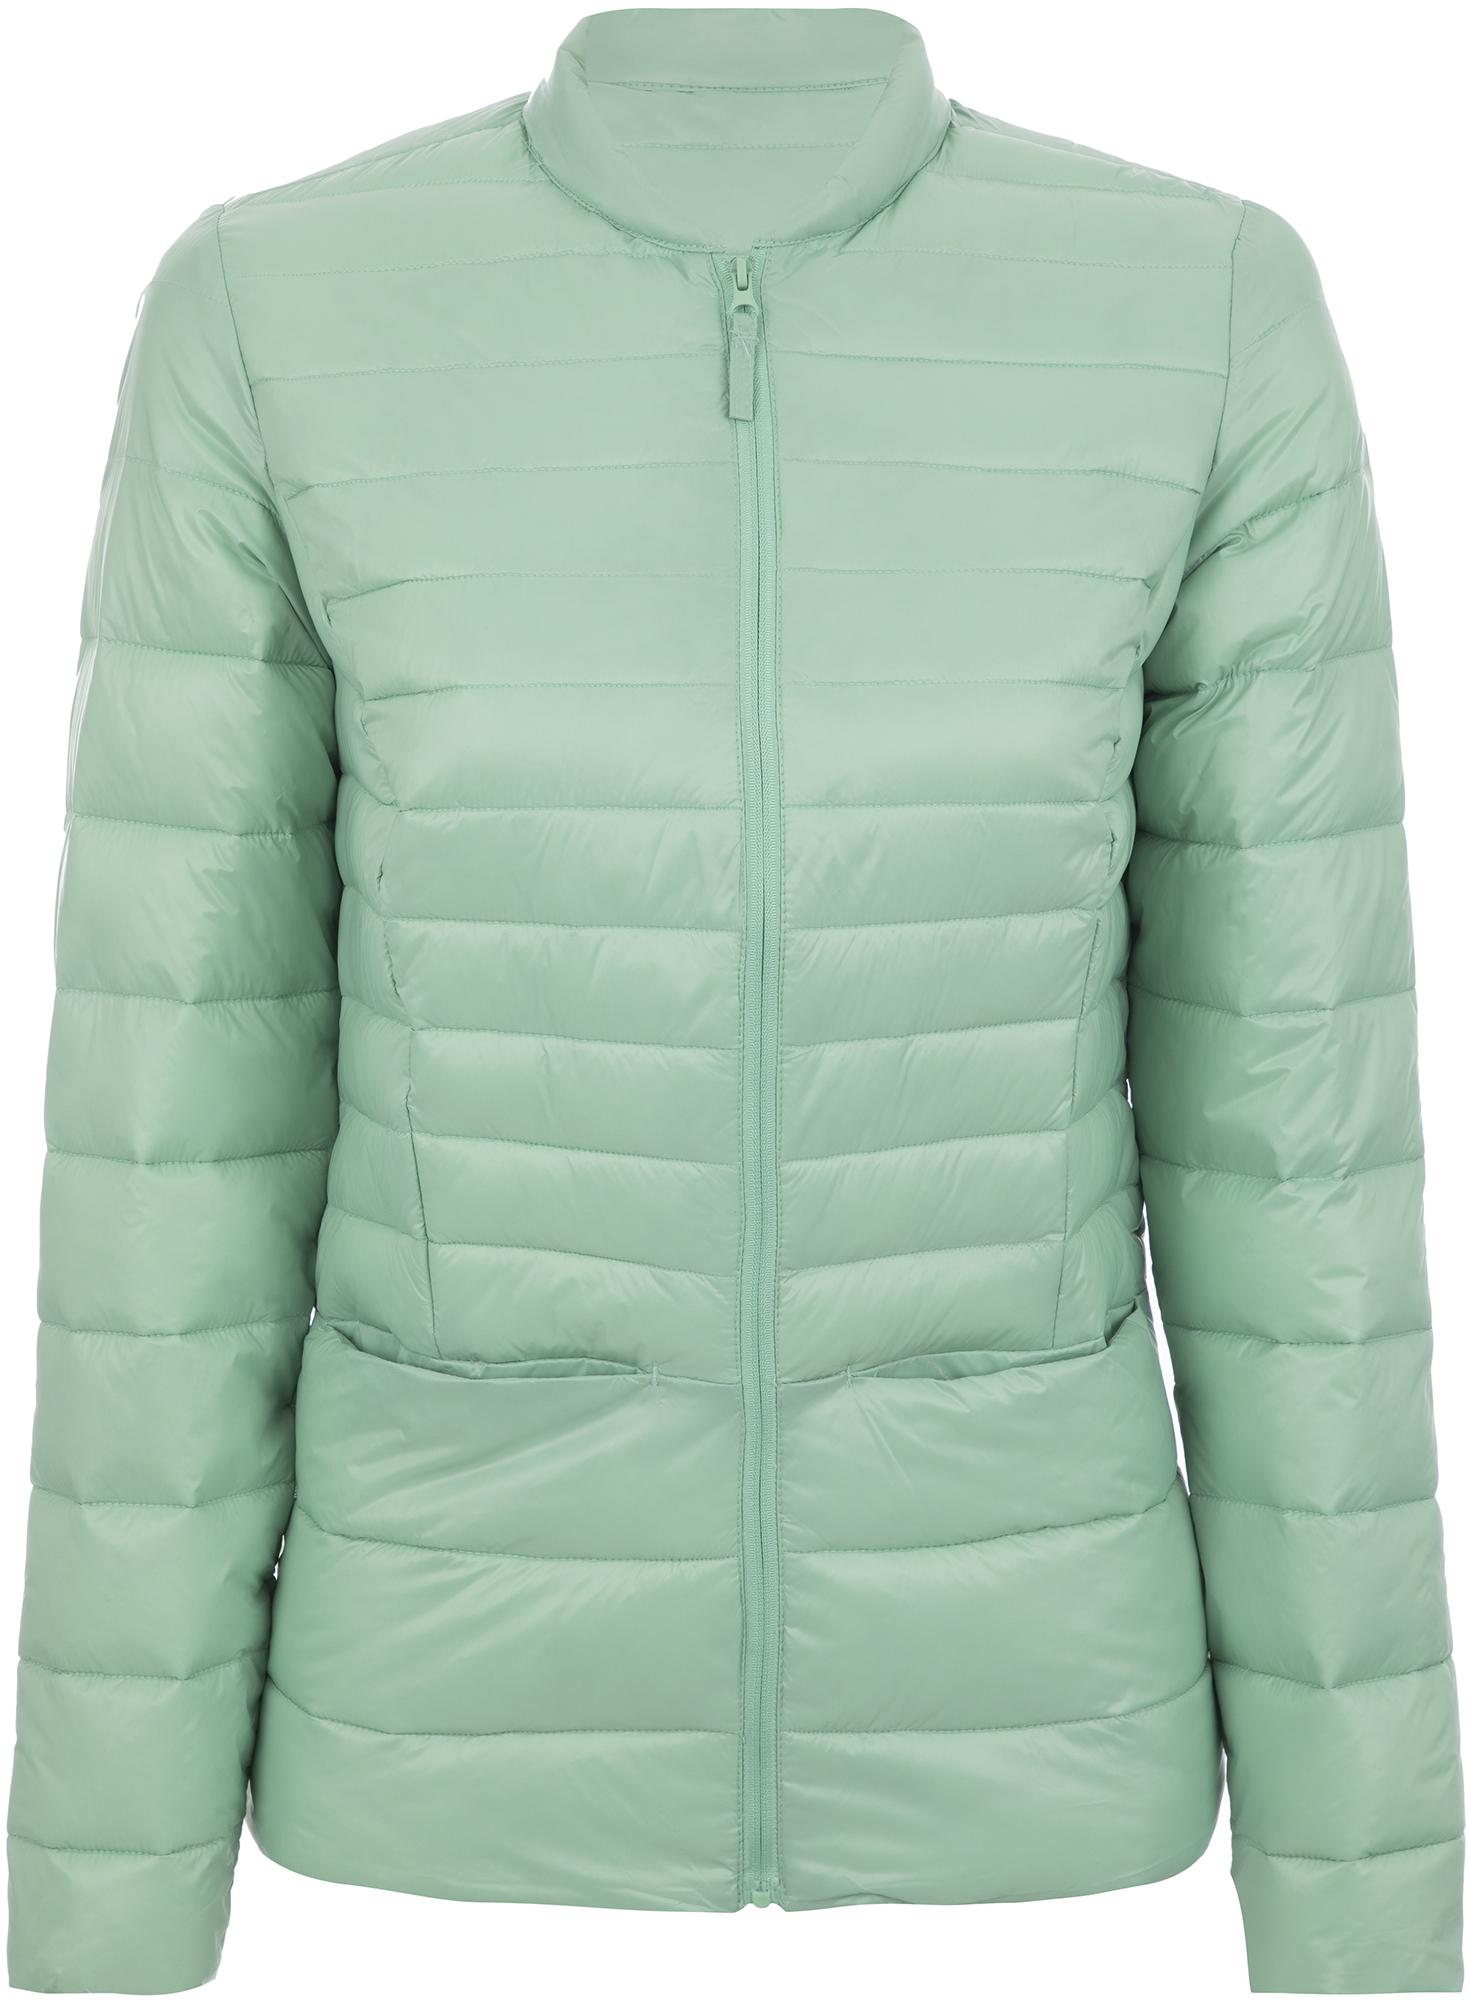 купить Outventure Куртка утепленная женская Outventure, размер 52 дешево